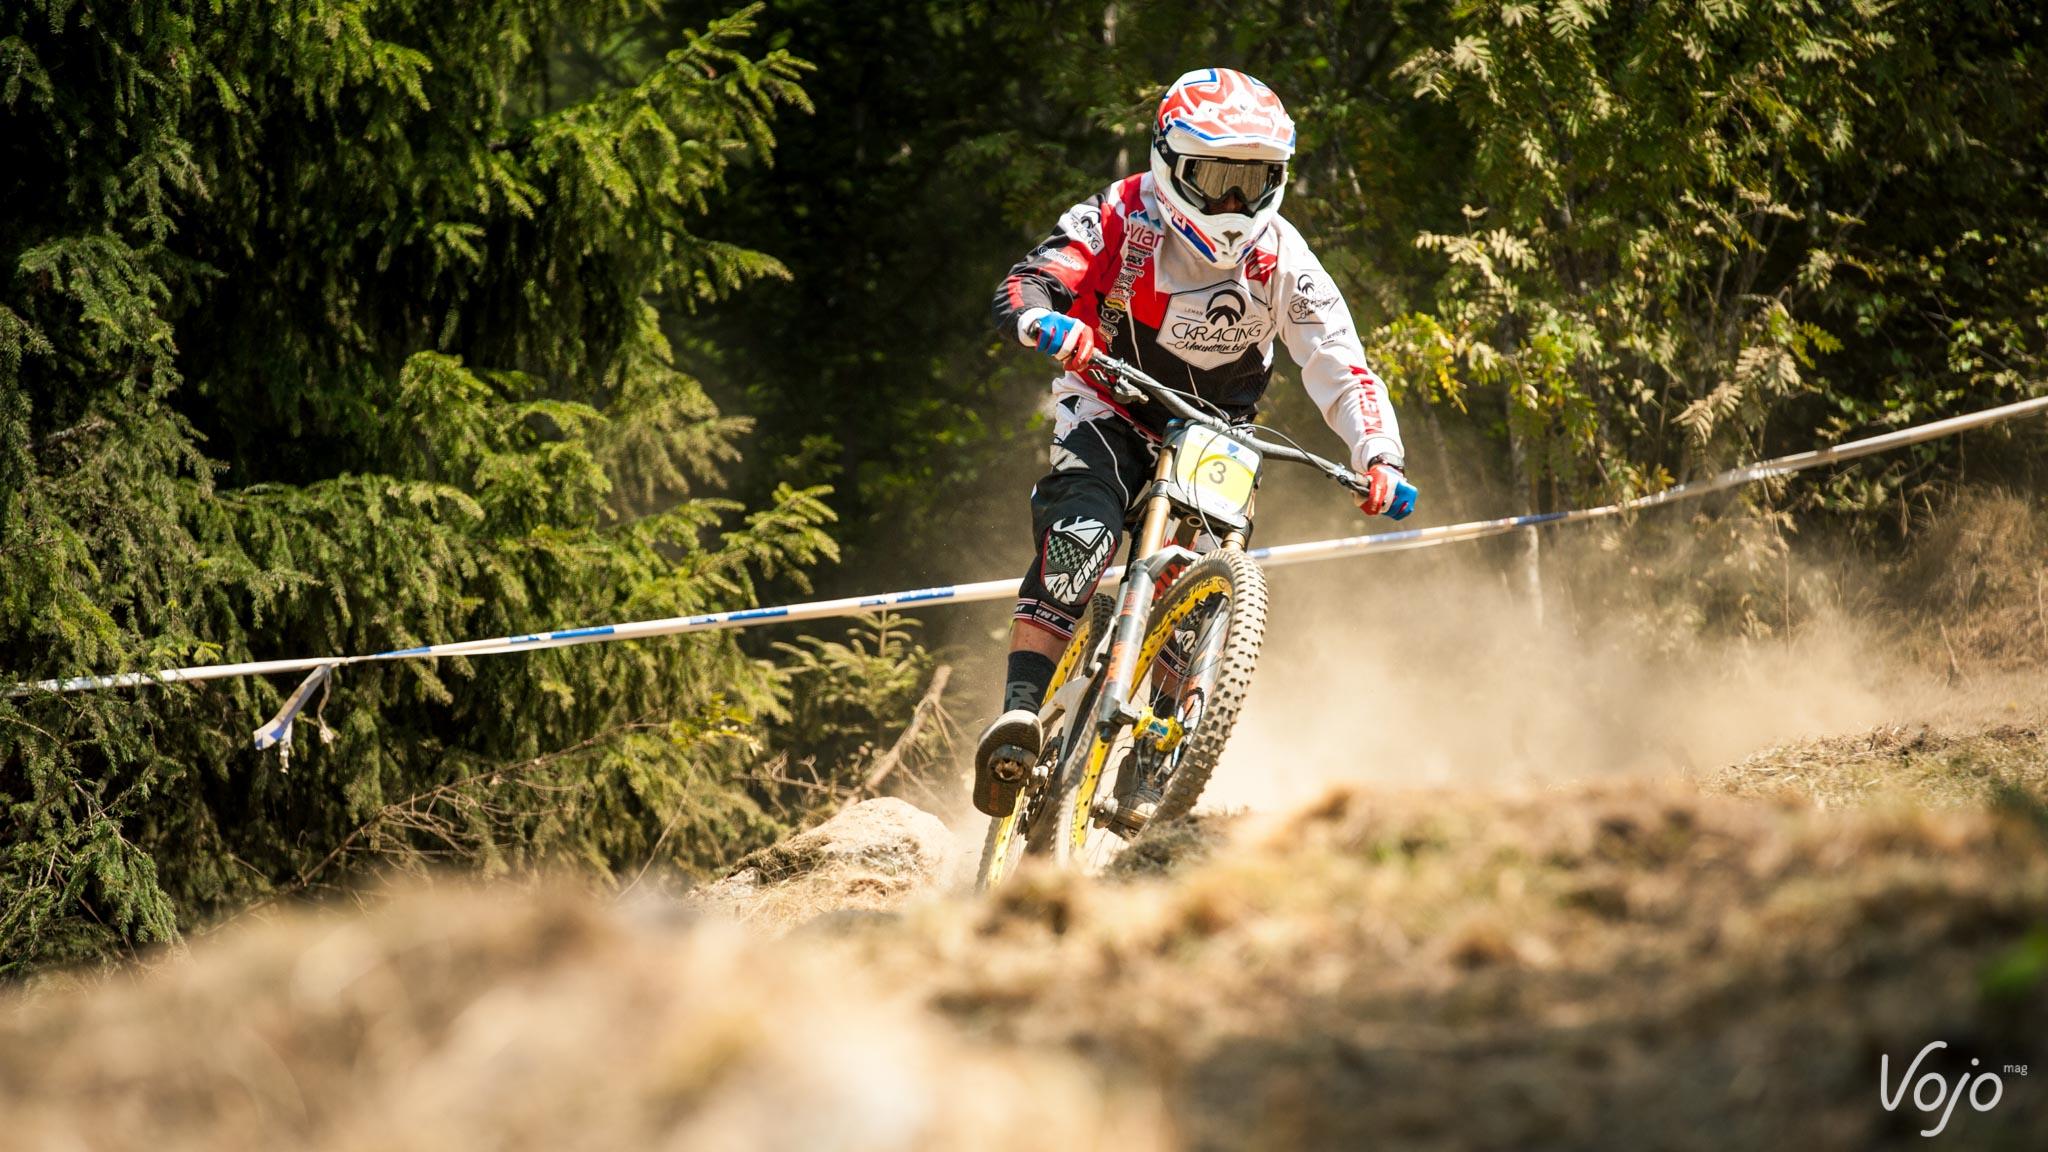 Championnats-de-france-2015-Oz-DH-finale-43